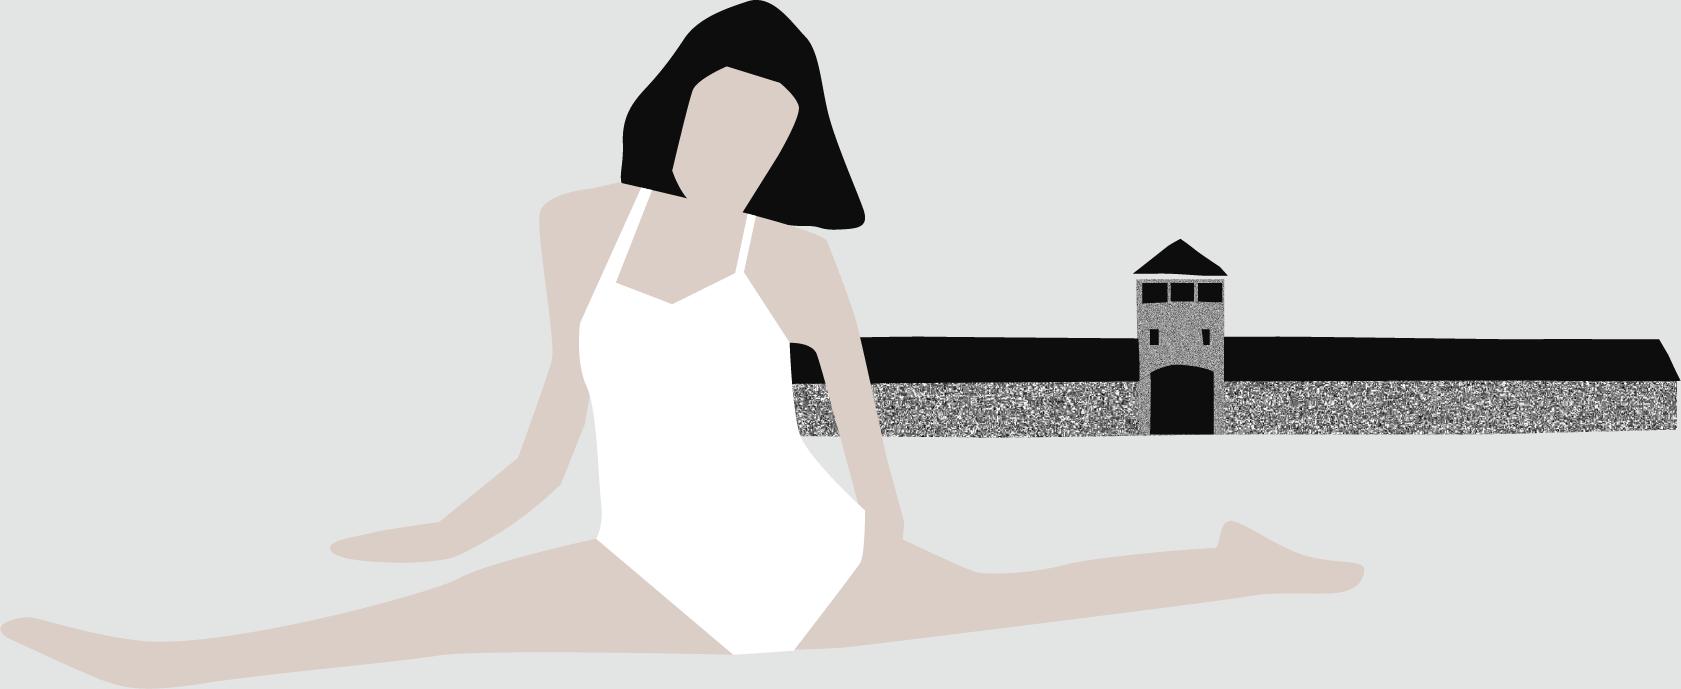 Illustratie van een ballerina voor de poorten van Auschwitz